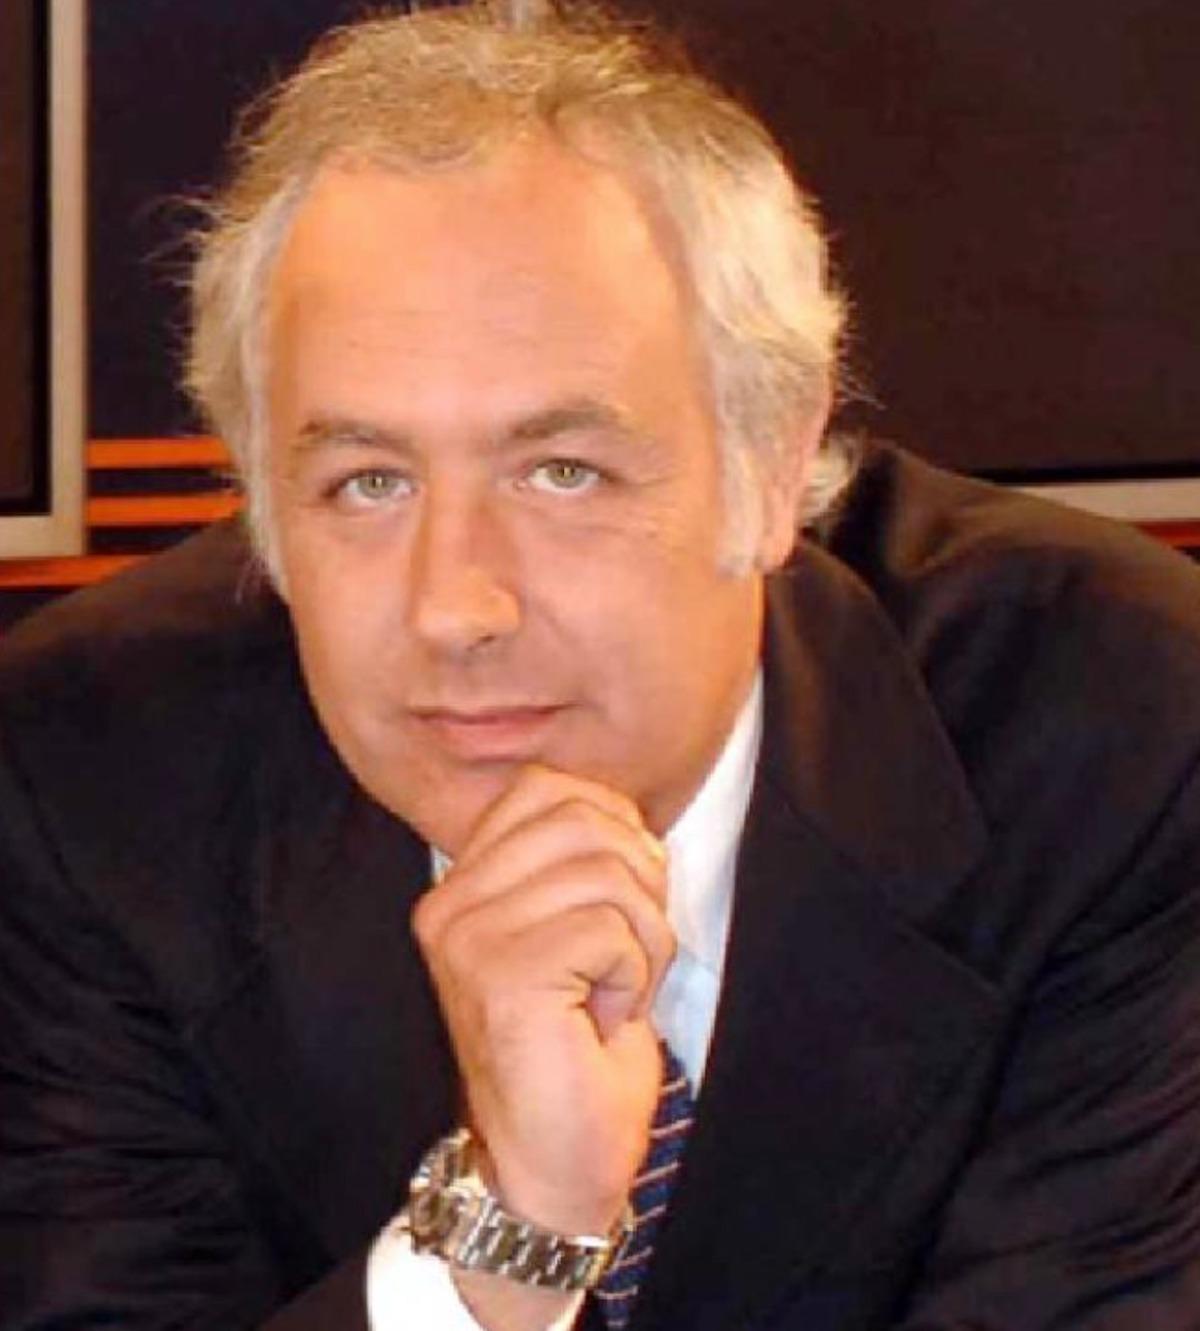 lutto tg 5 canale 5 morto giornalista gianluigi gualtieri